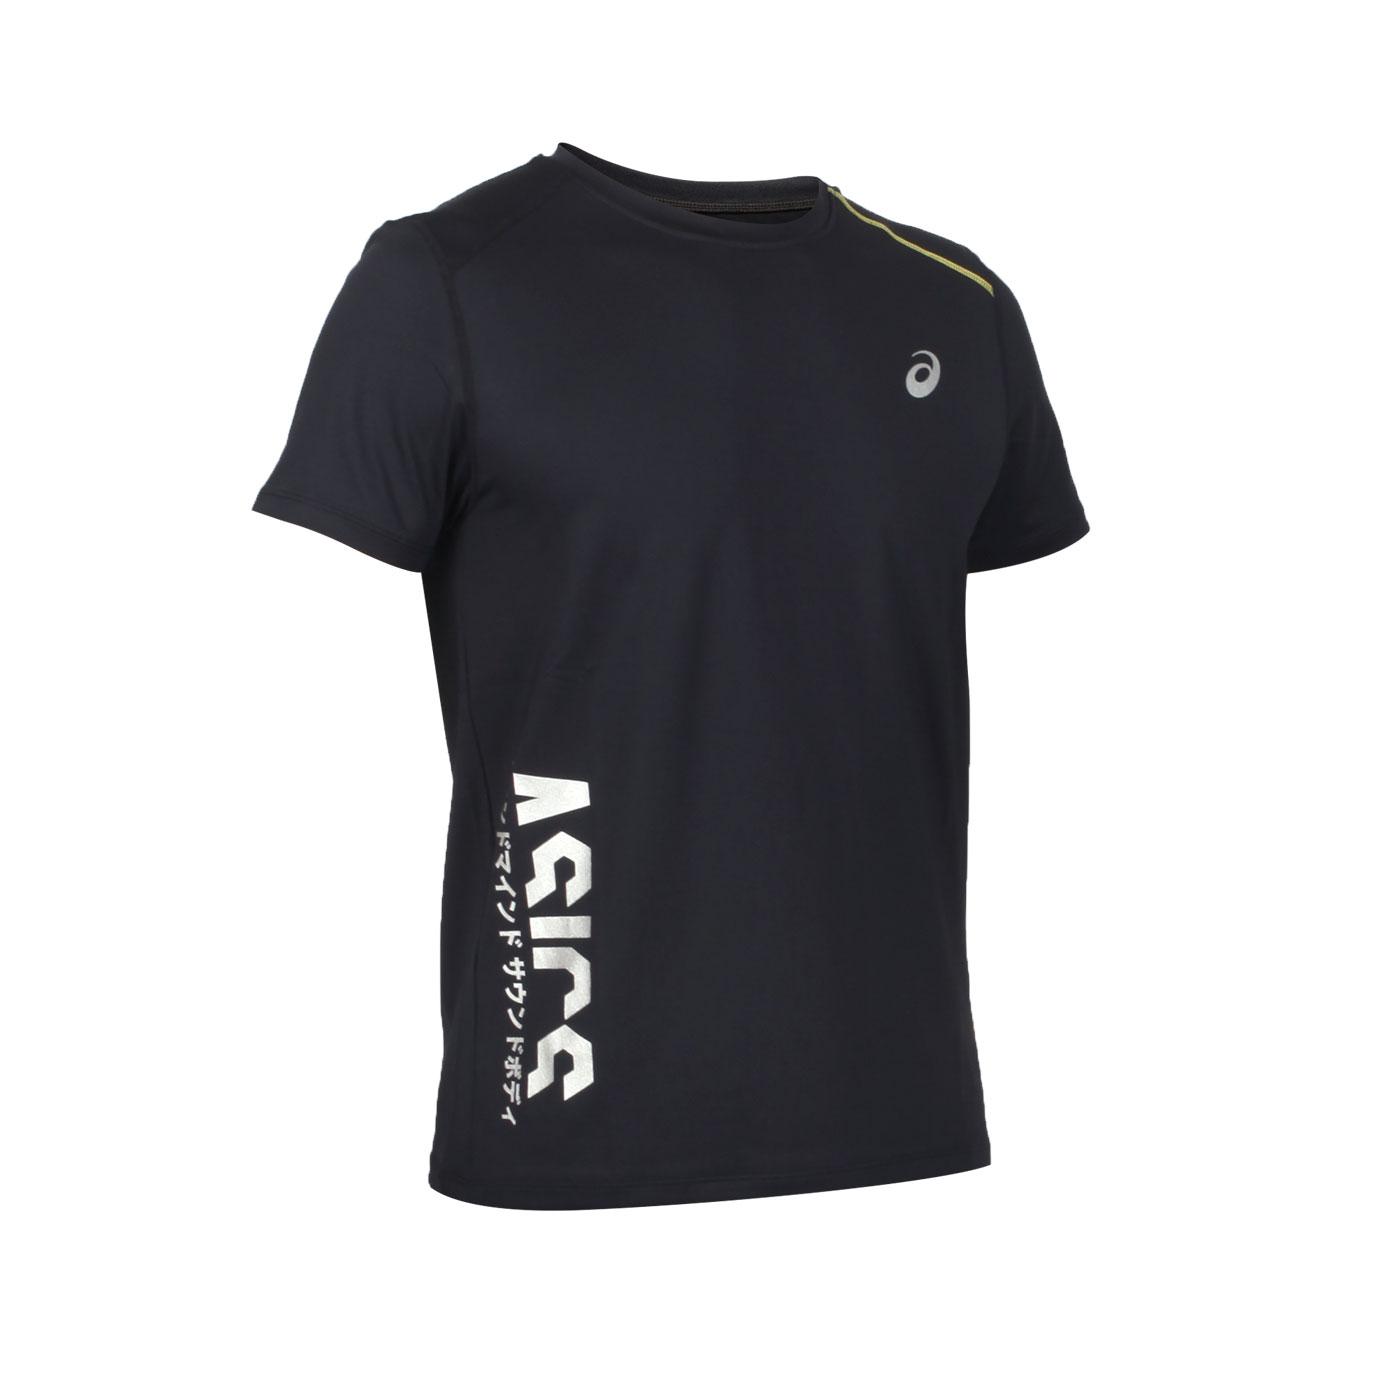 ASICS 男款短袖T恤 K32002-43 - 黑銀